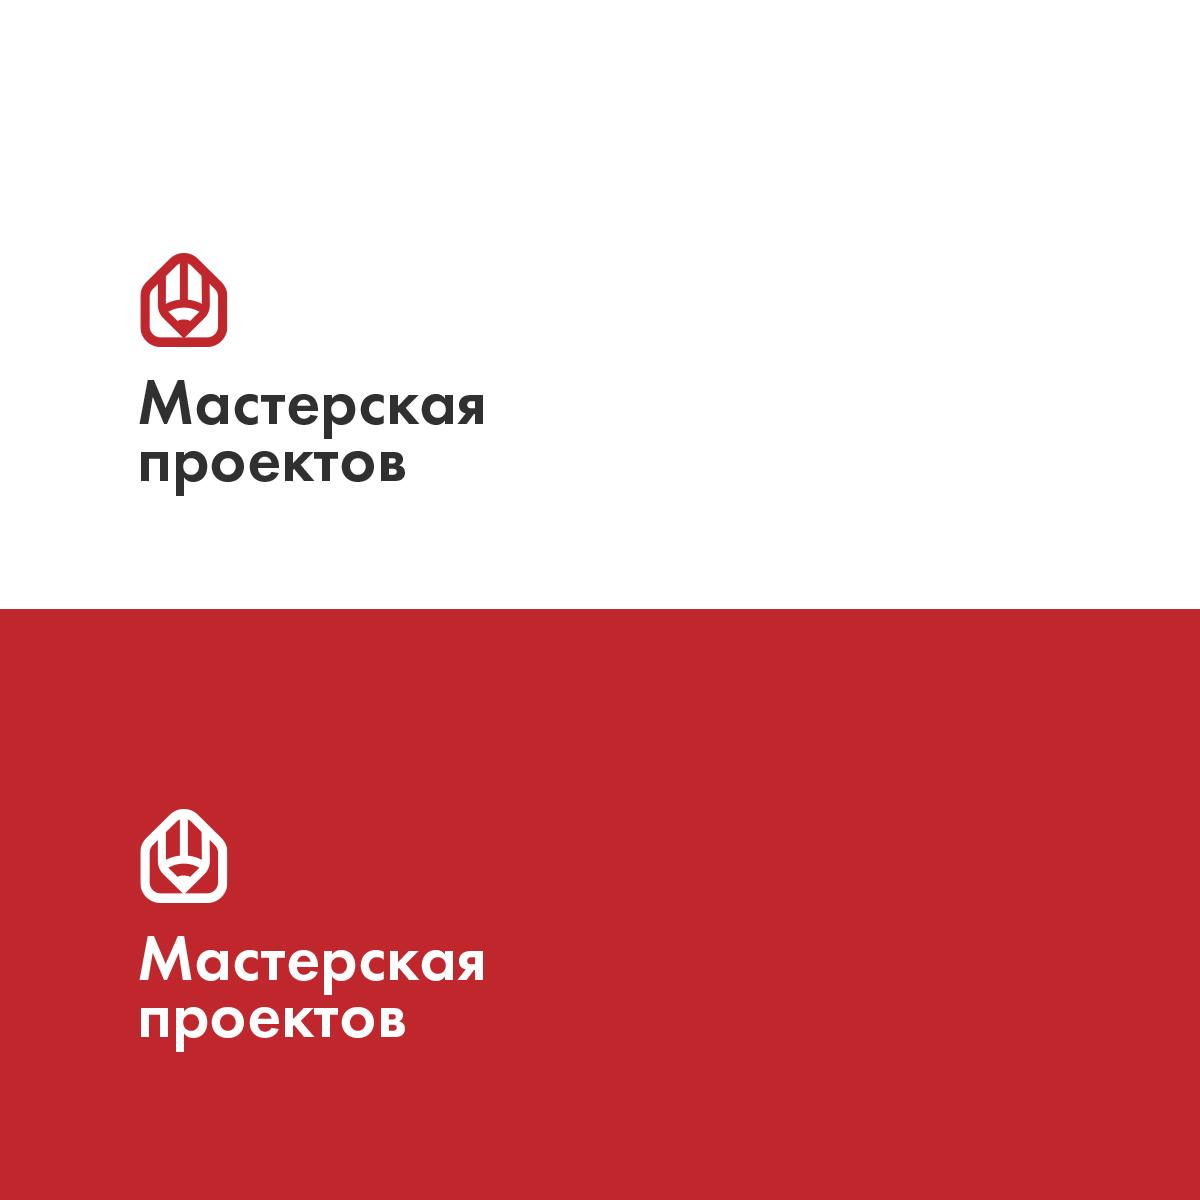 Разработка логотипа строительно-мебельного проекта (см. опис фото f_473606f08601c7f7.jpg